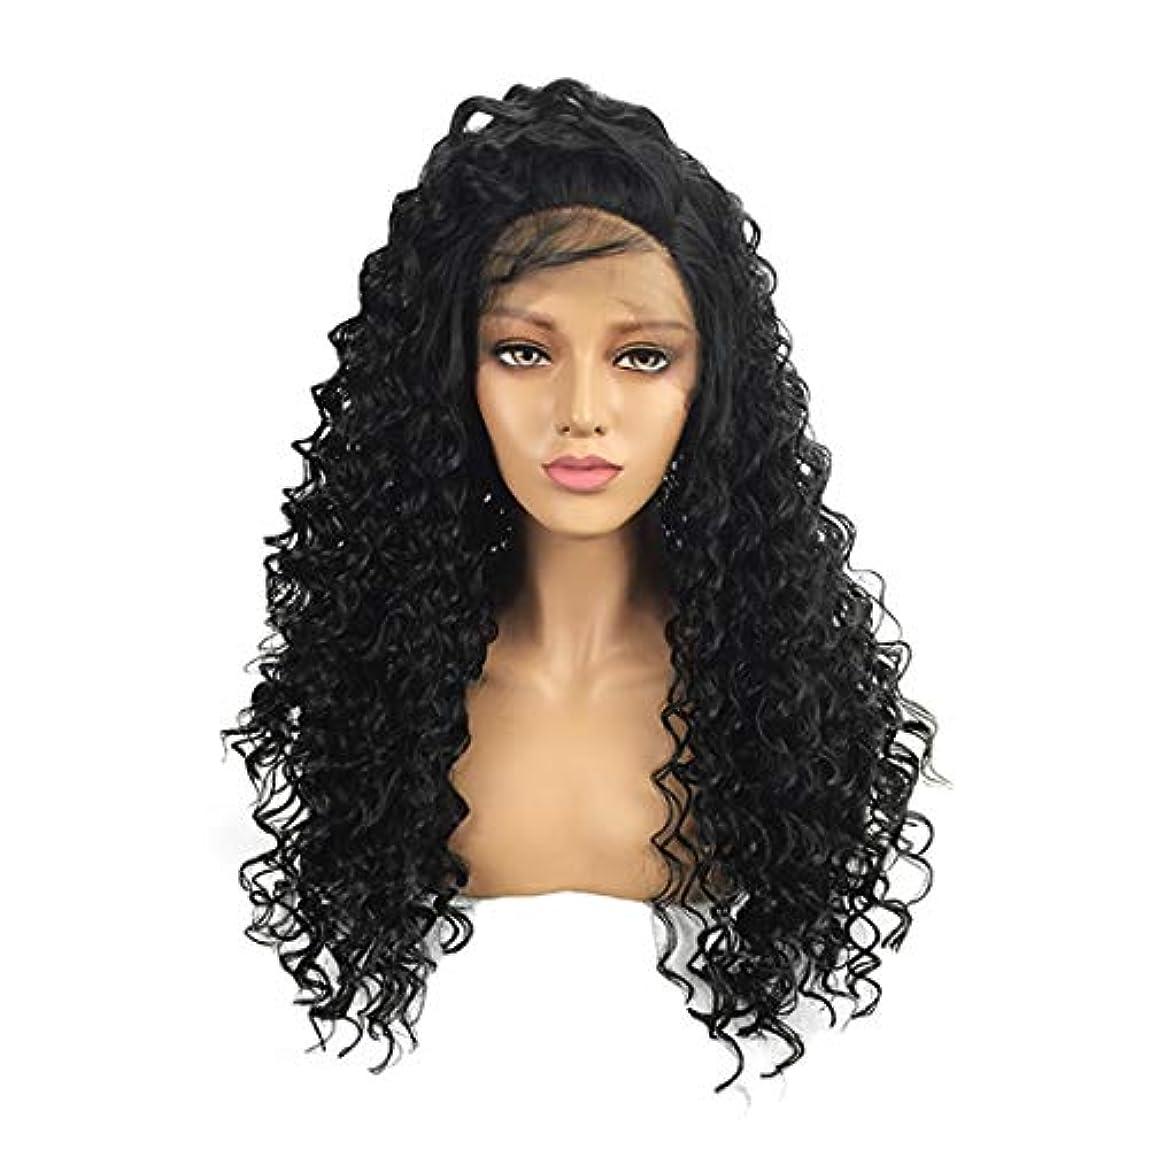 上に磁石日付付きKoloeplf 黒人女性用レースフロントウィッグカーリーブラックフルウィッグ女性用ナチュラル耐熱性 (Size : 24 inch)